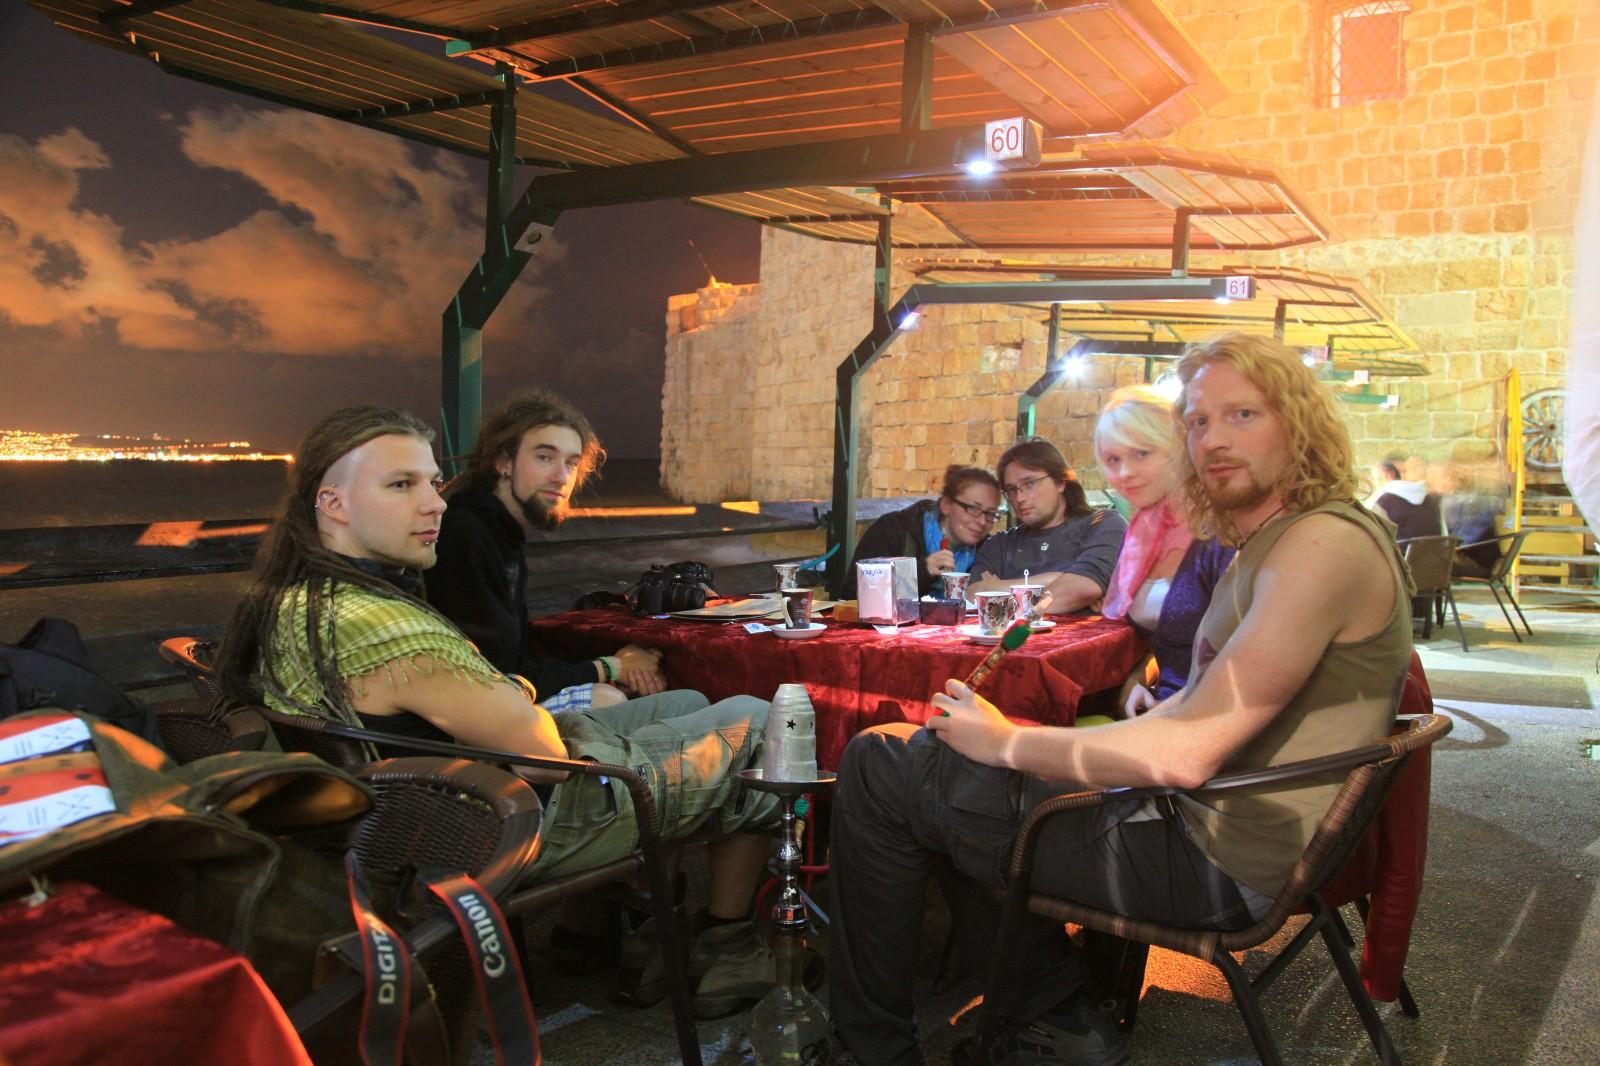 At a shisha bar